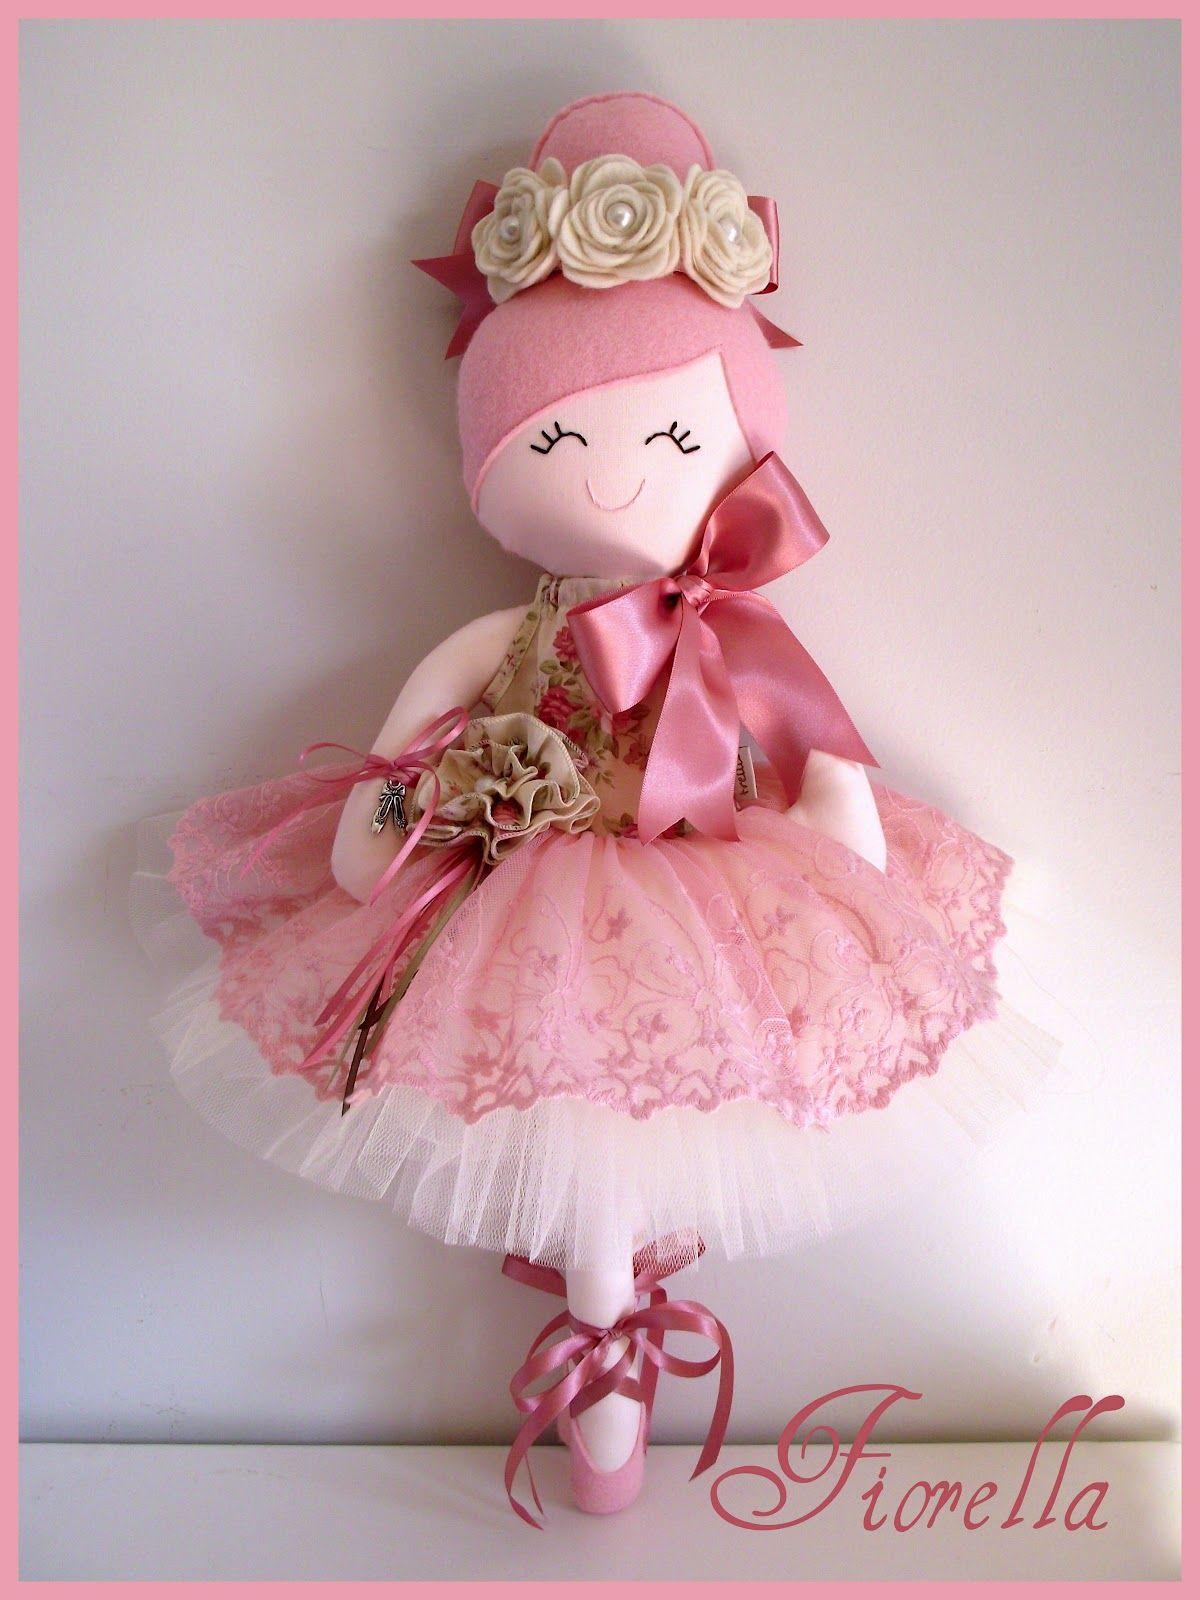 De Pano Bailarina en Pinterest | Muñecas De Trapo, Bonecas De Pano